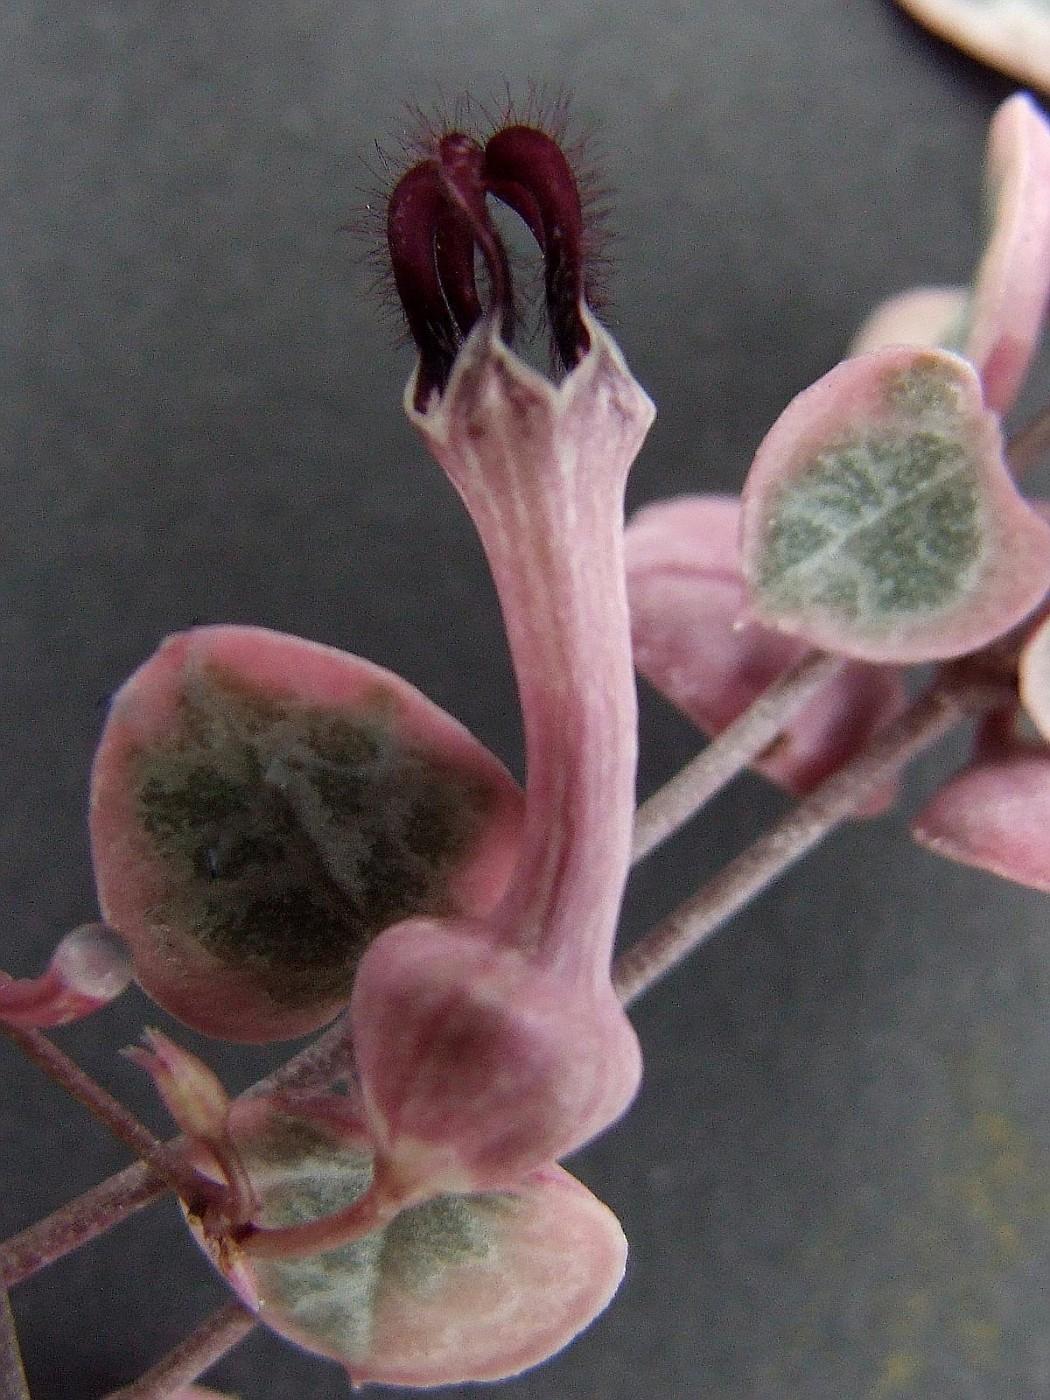 ceropegia-rose-succulente-grasse-les-cactus-aloes